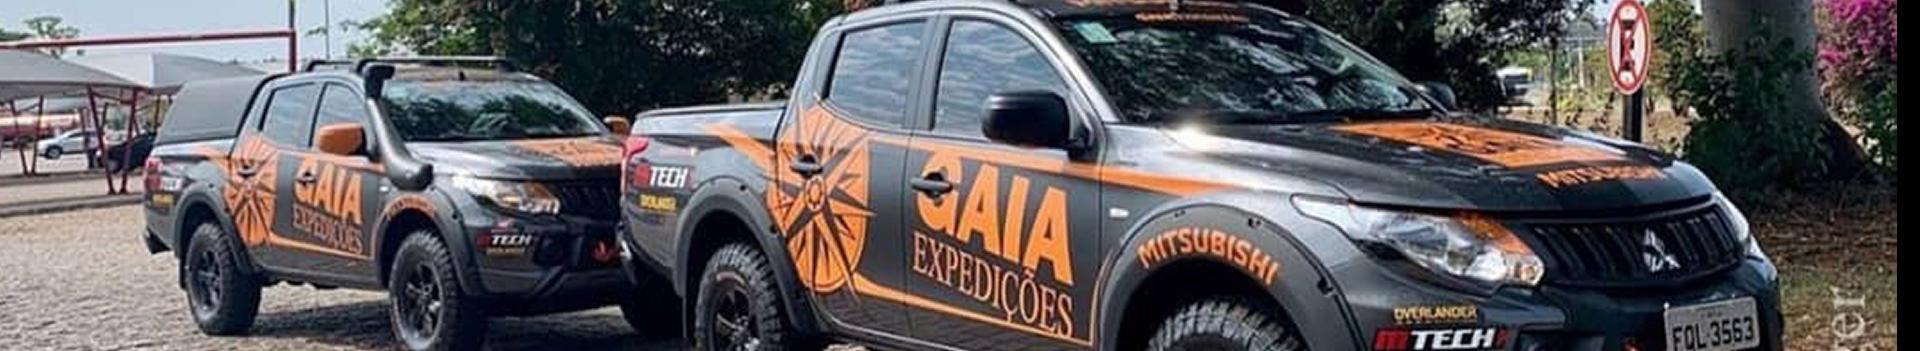 Gaia Expedições - Veículos